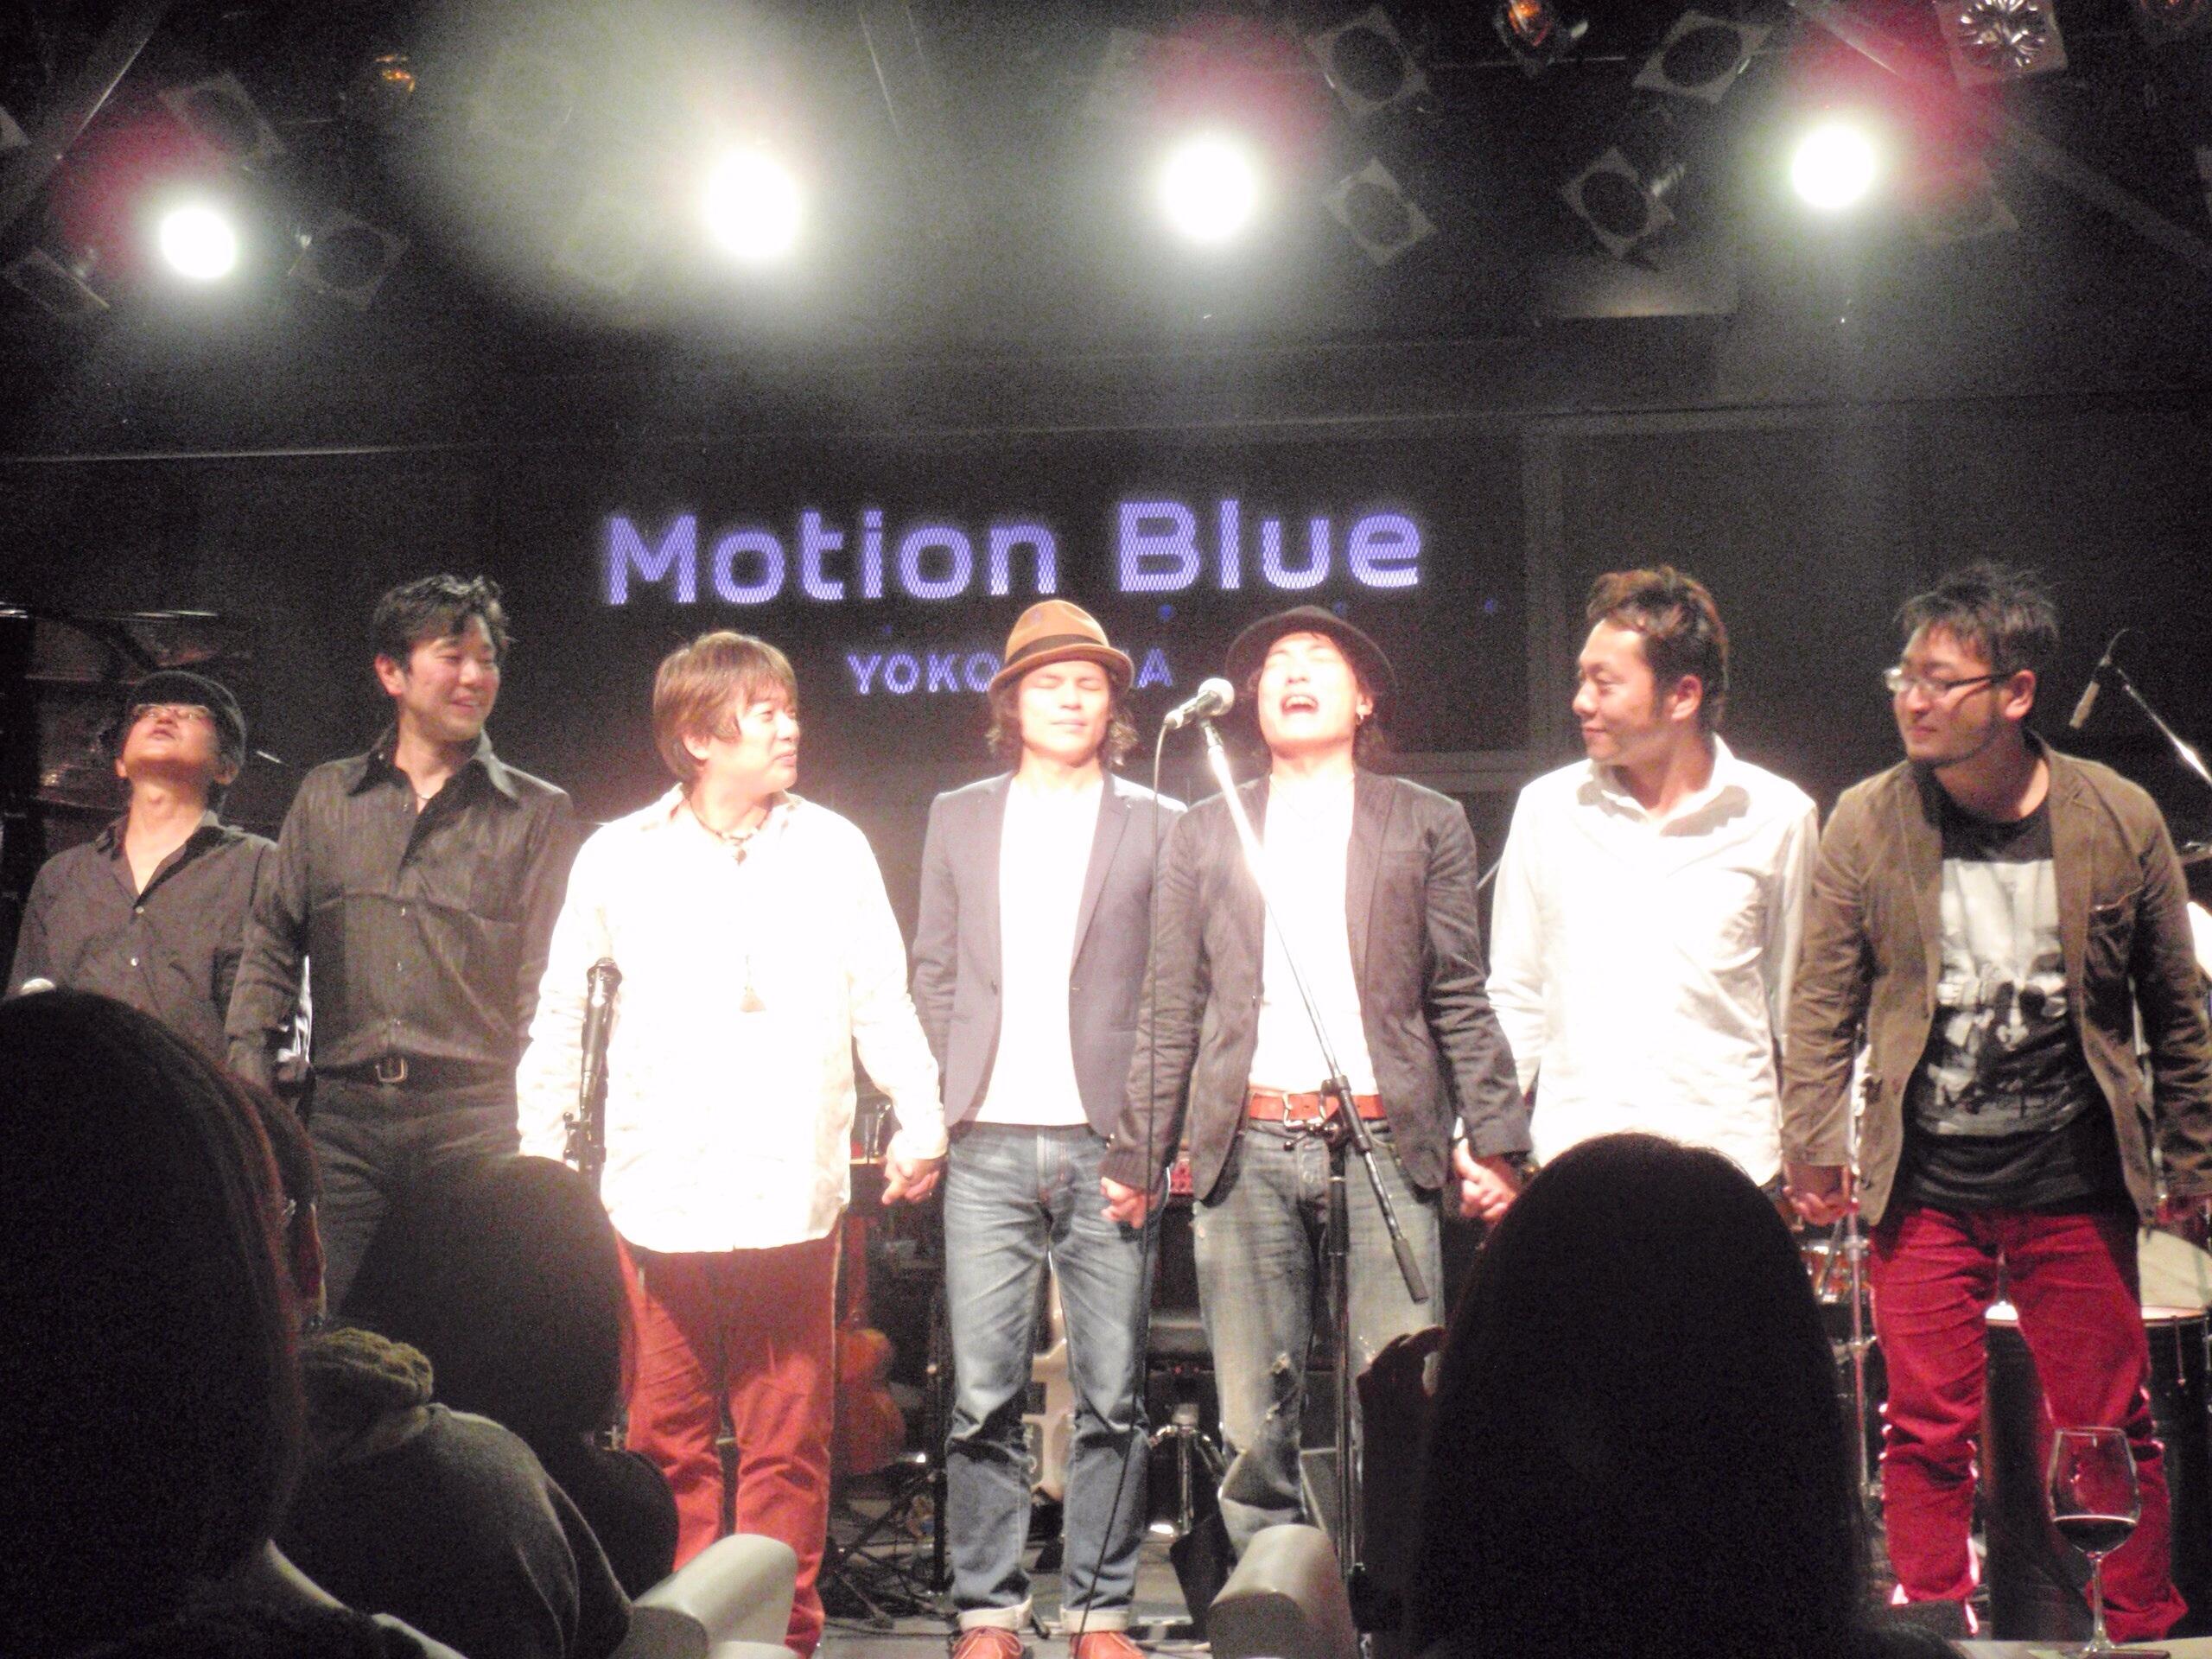 ありがとう!at Motion Blue